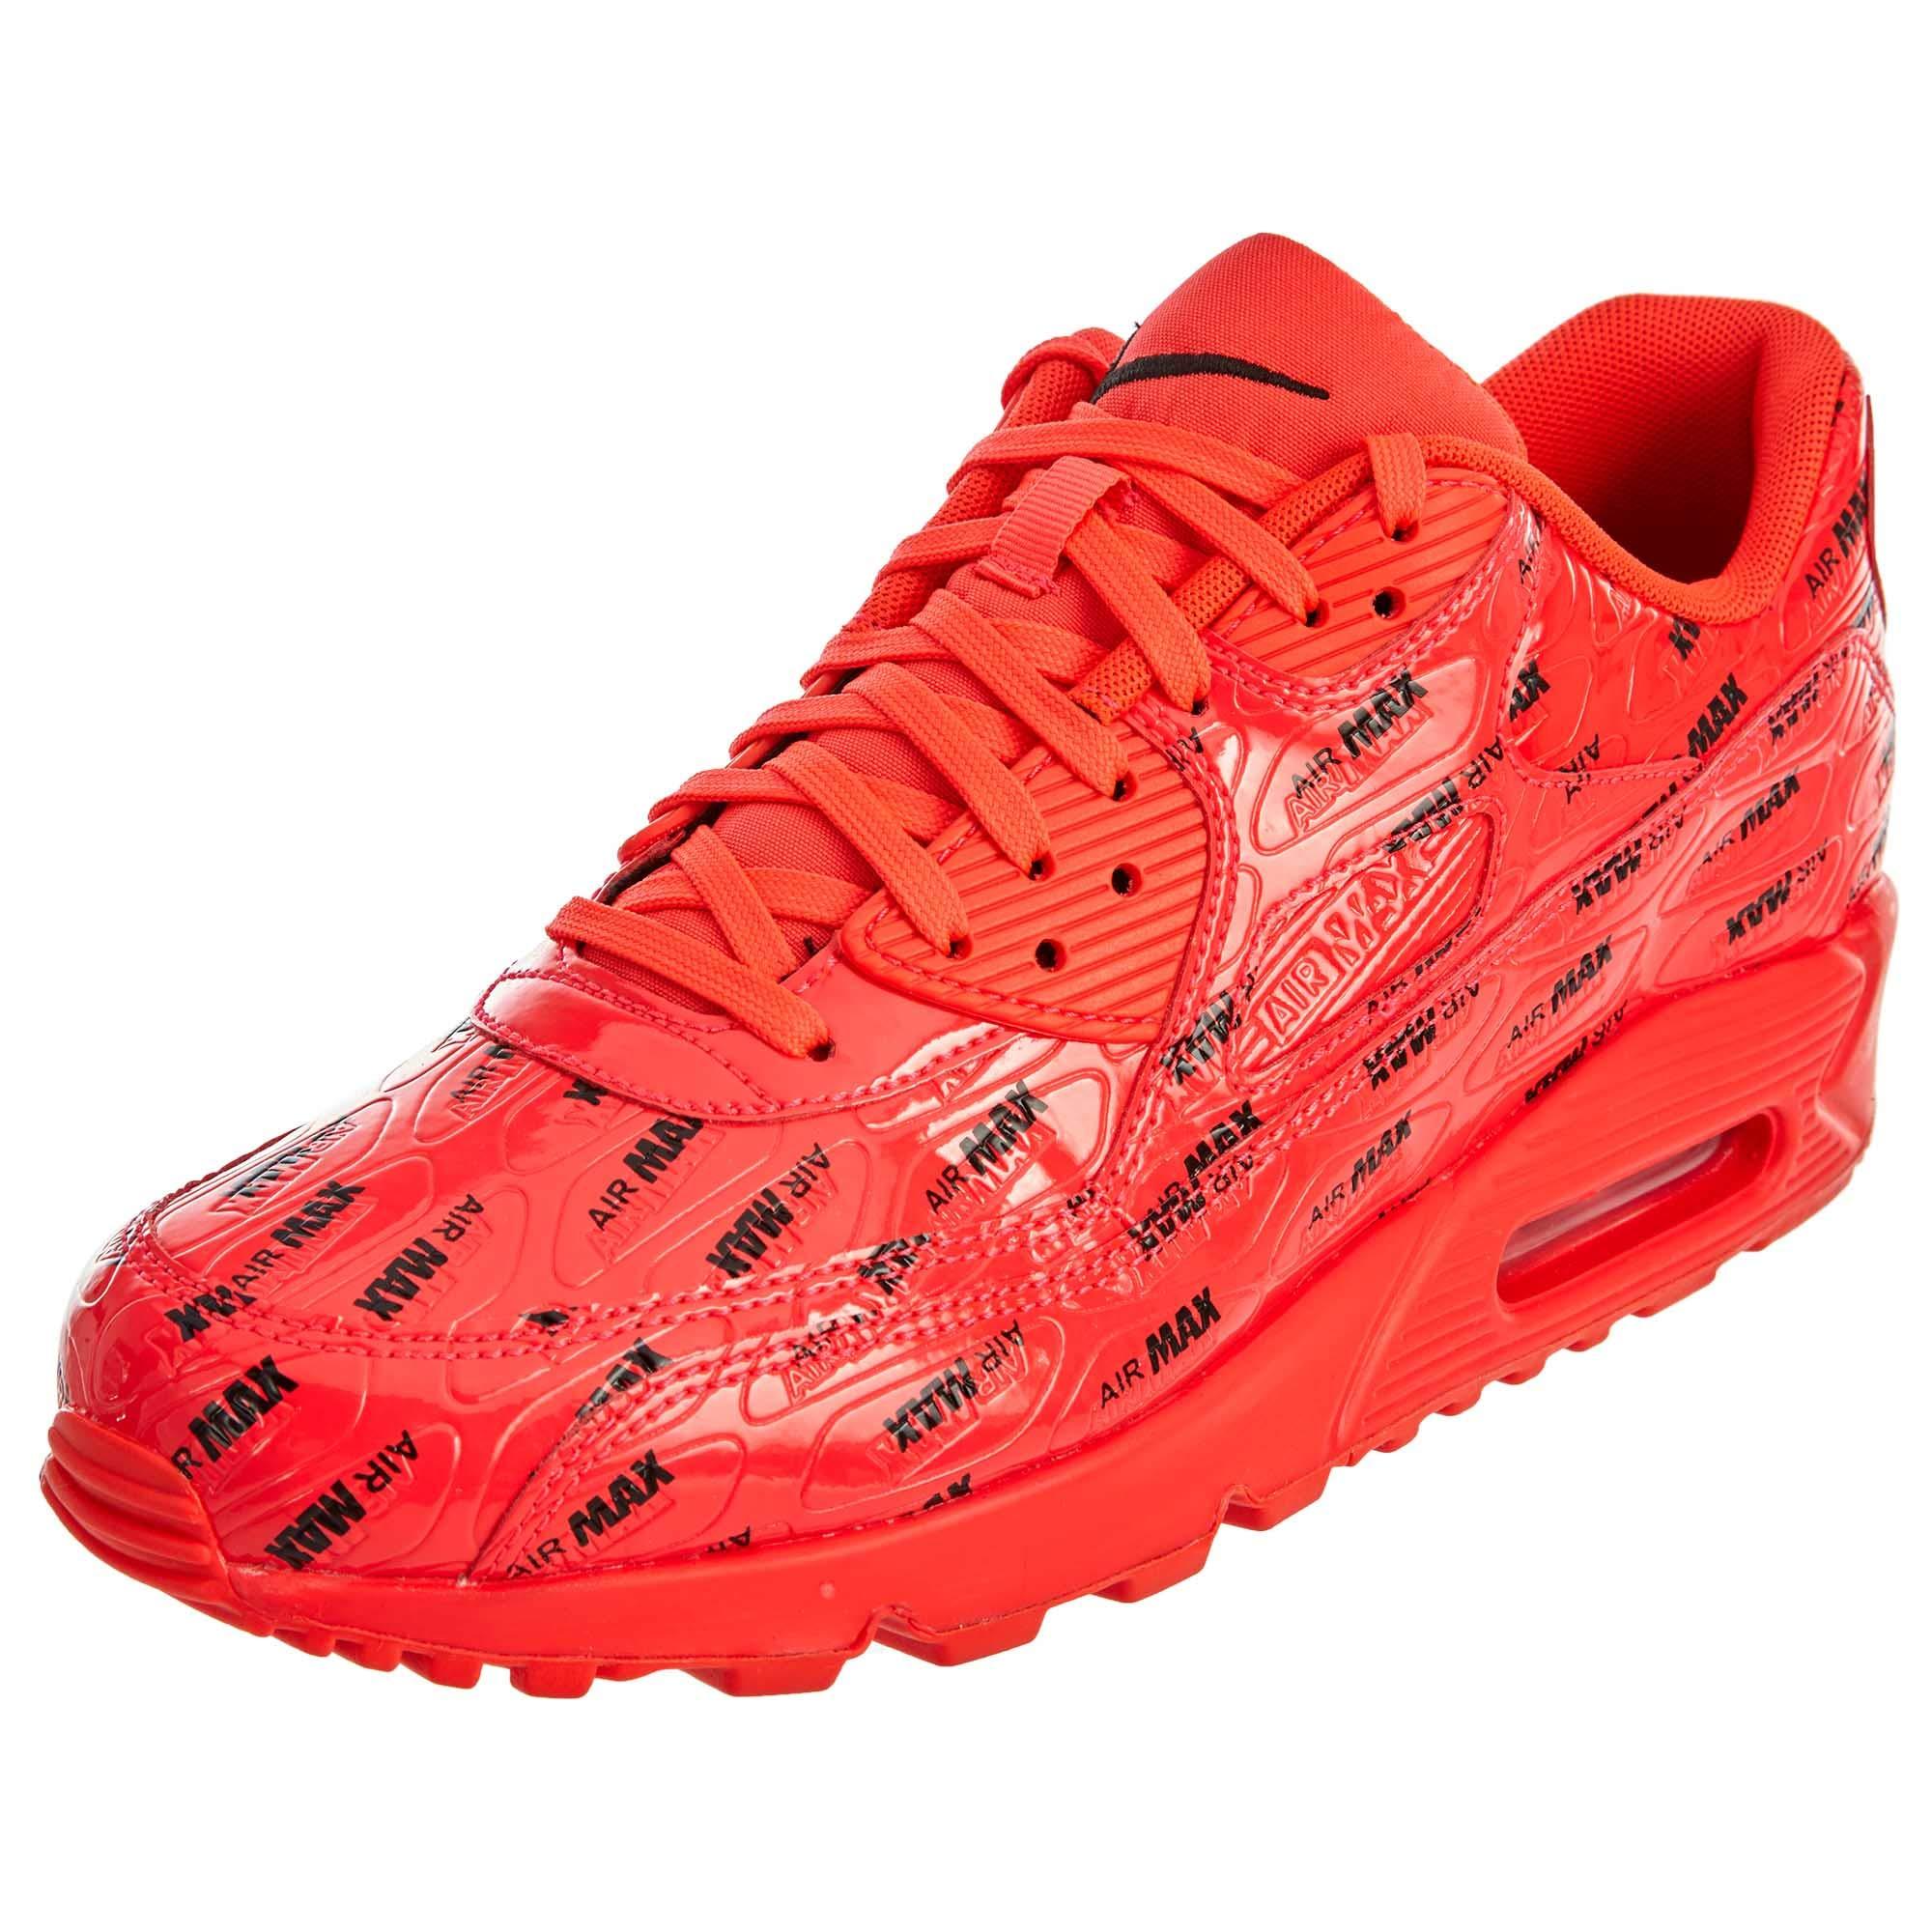 super popular 3b41b 769a5 NIKE Men's Air Max 90 Premium Bright Crimson/Bright Crimson Running Shoe 8  Men US